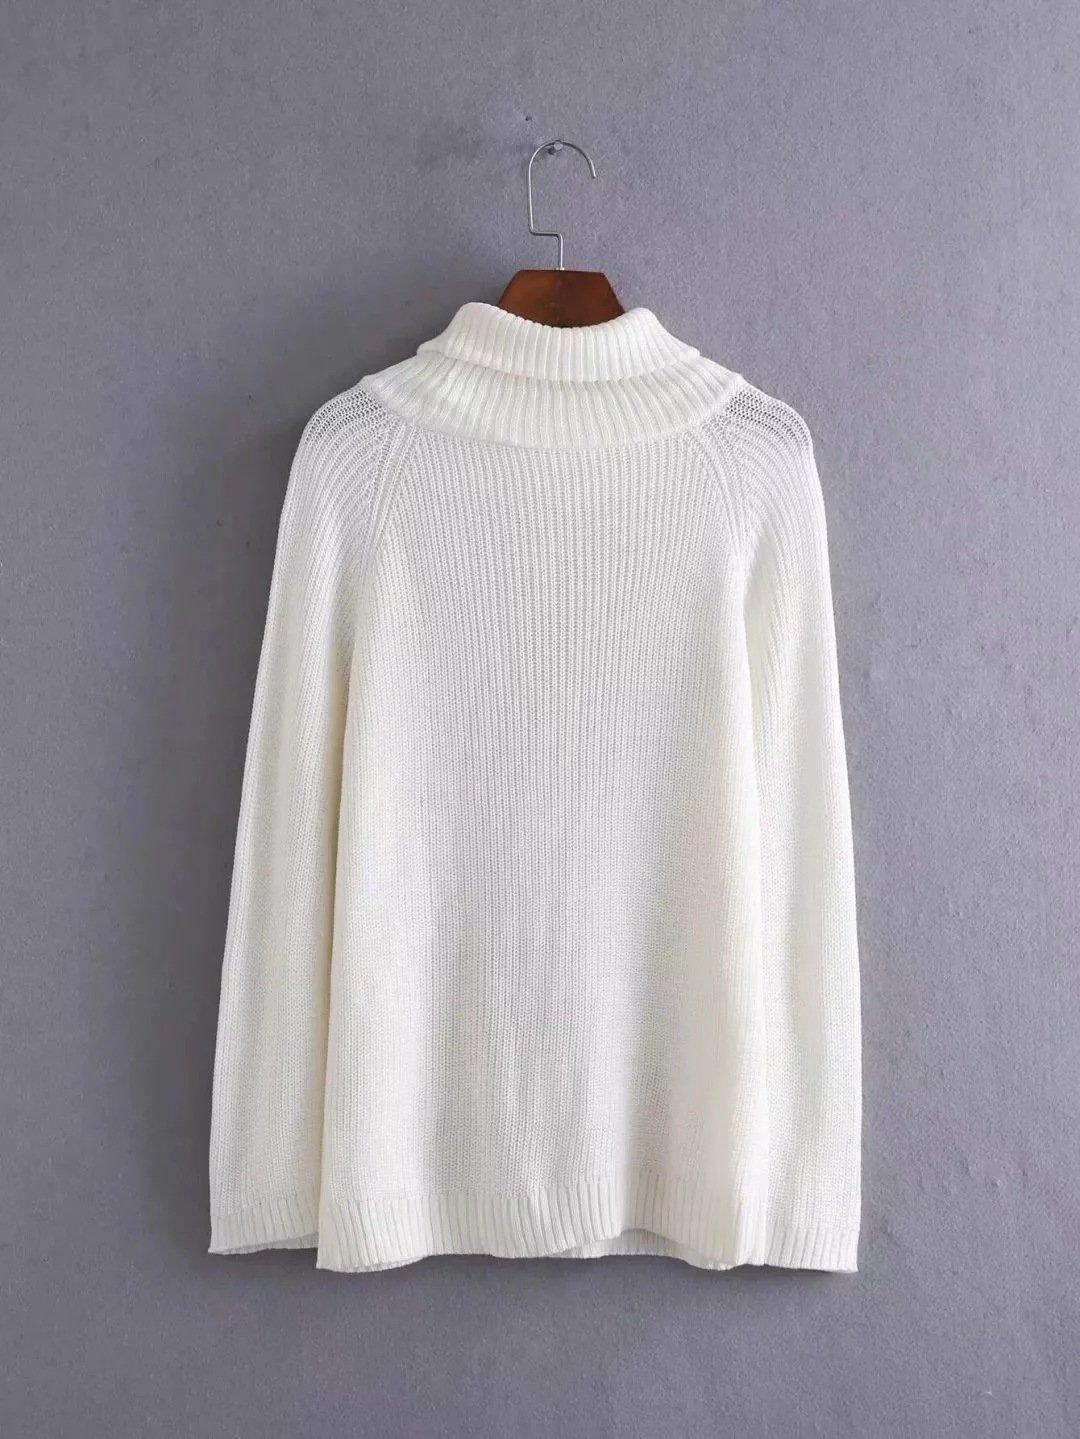 SZYL-Sweater Las Mujeres de Invierno Europa y los Estados Unidos ...